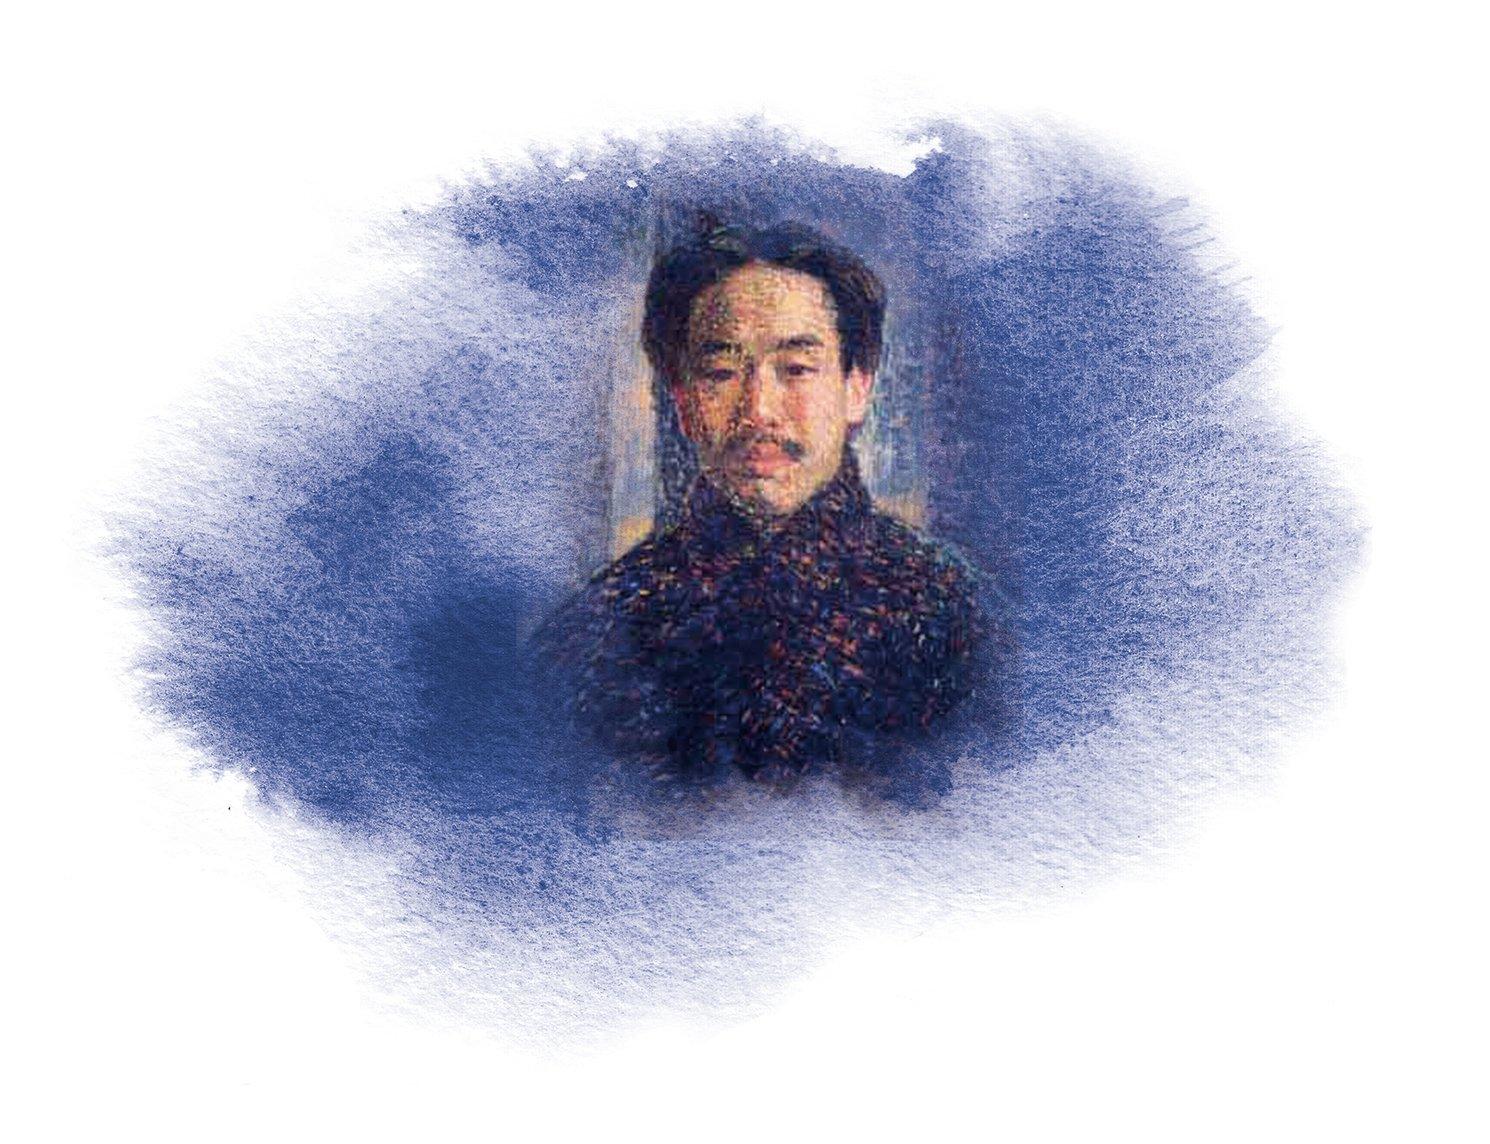 李叔同畫像。(公有領域)